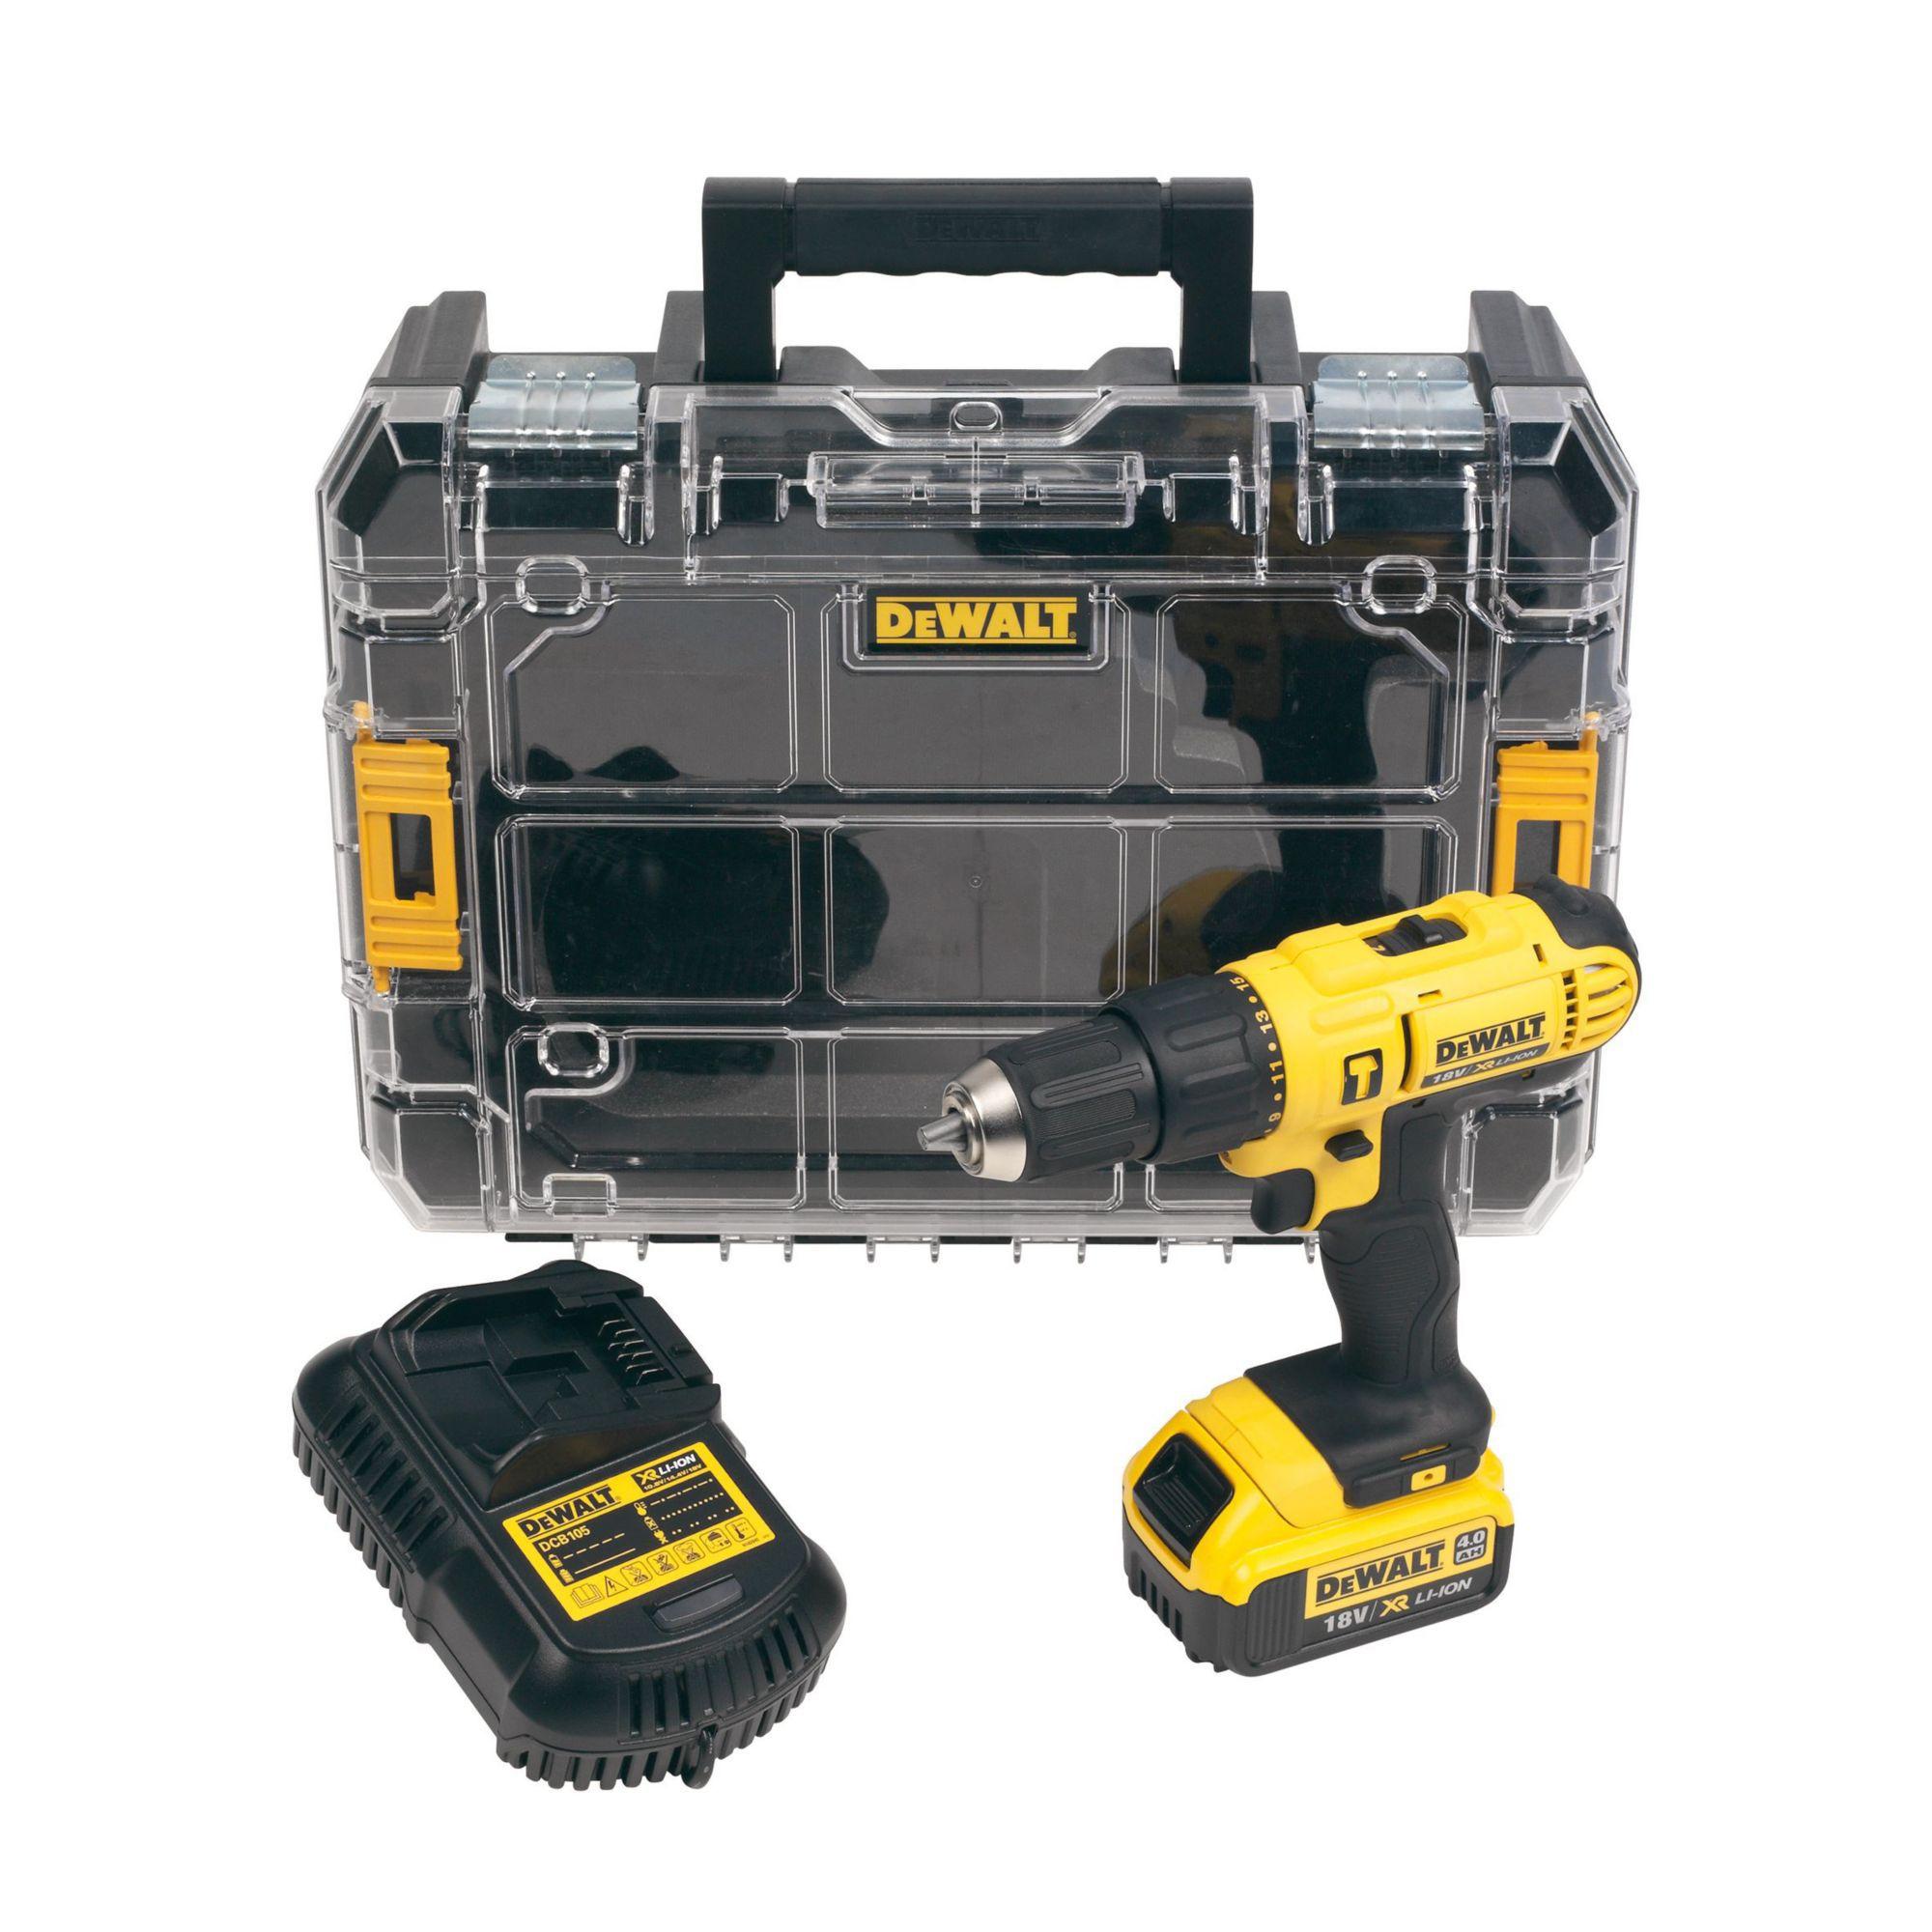 Dewalt Cordless 18v 4ah Li-ion Combi Drill 1 Battery Dcd776m1t-gb